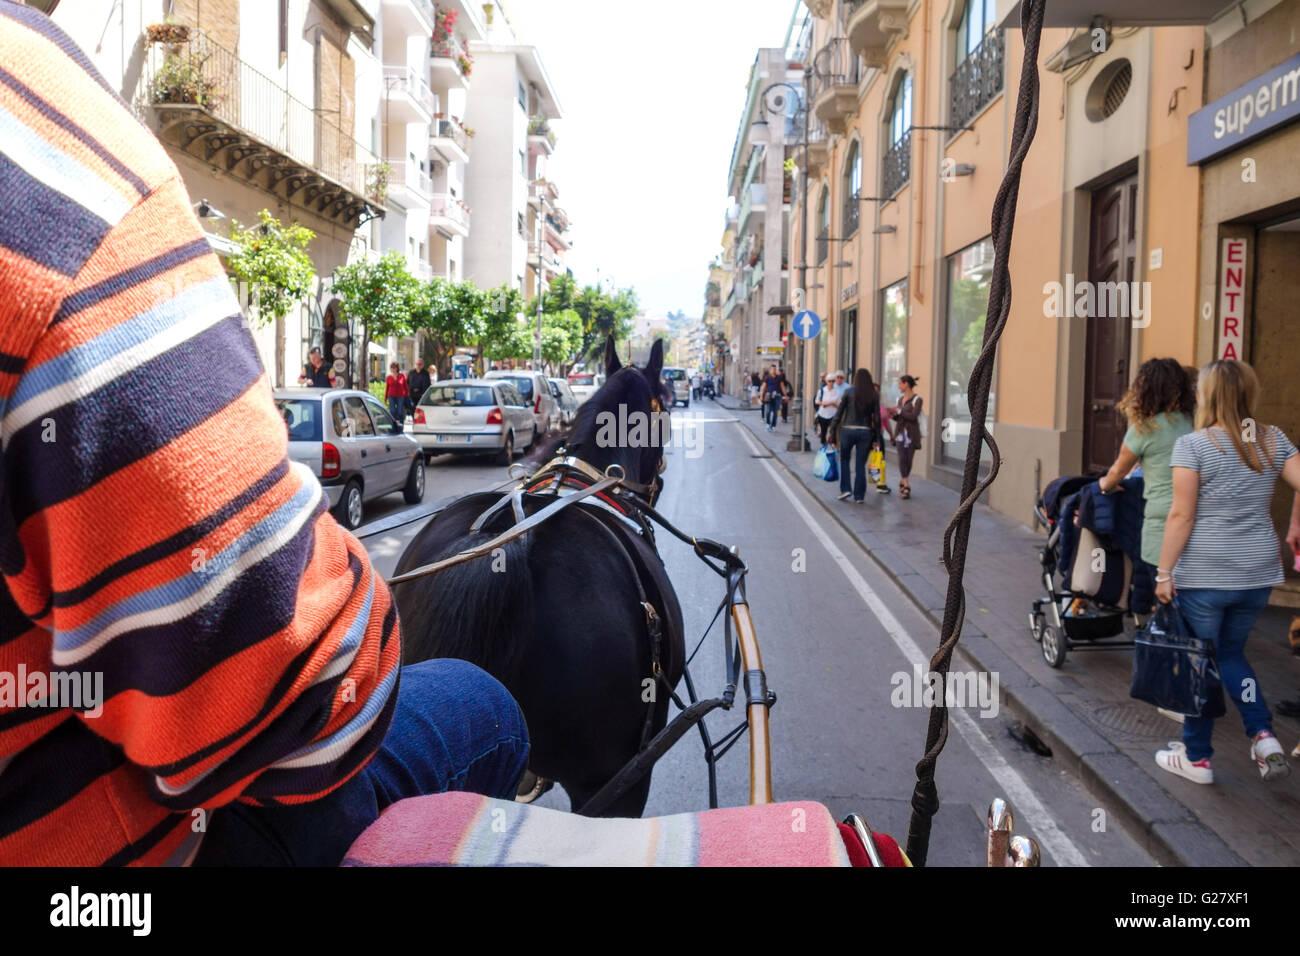 Vista de una calle lateral en Sorrento desde un caballo y una carroza viaje turístico Imagen De Stock